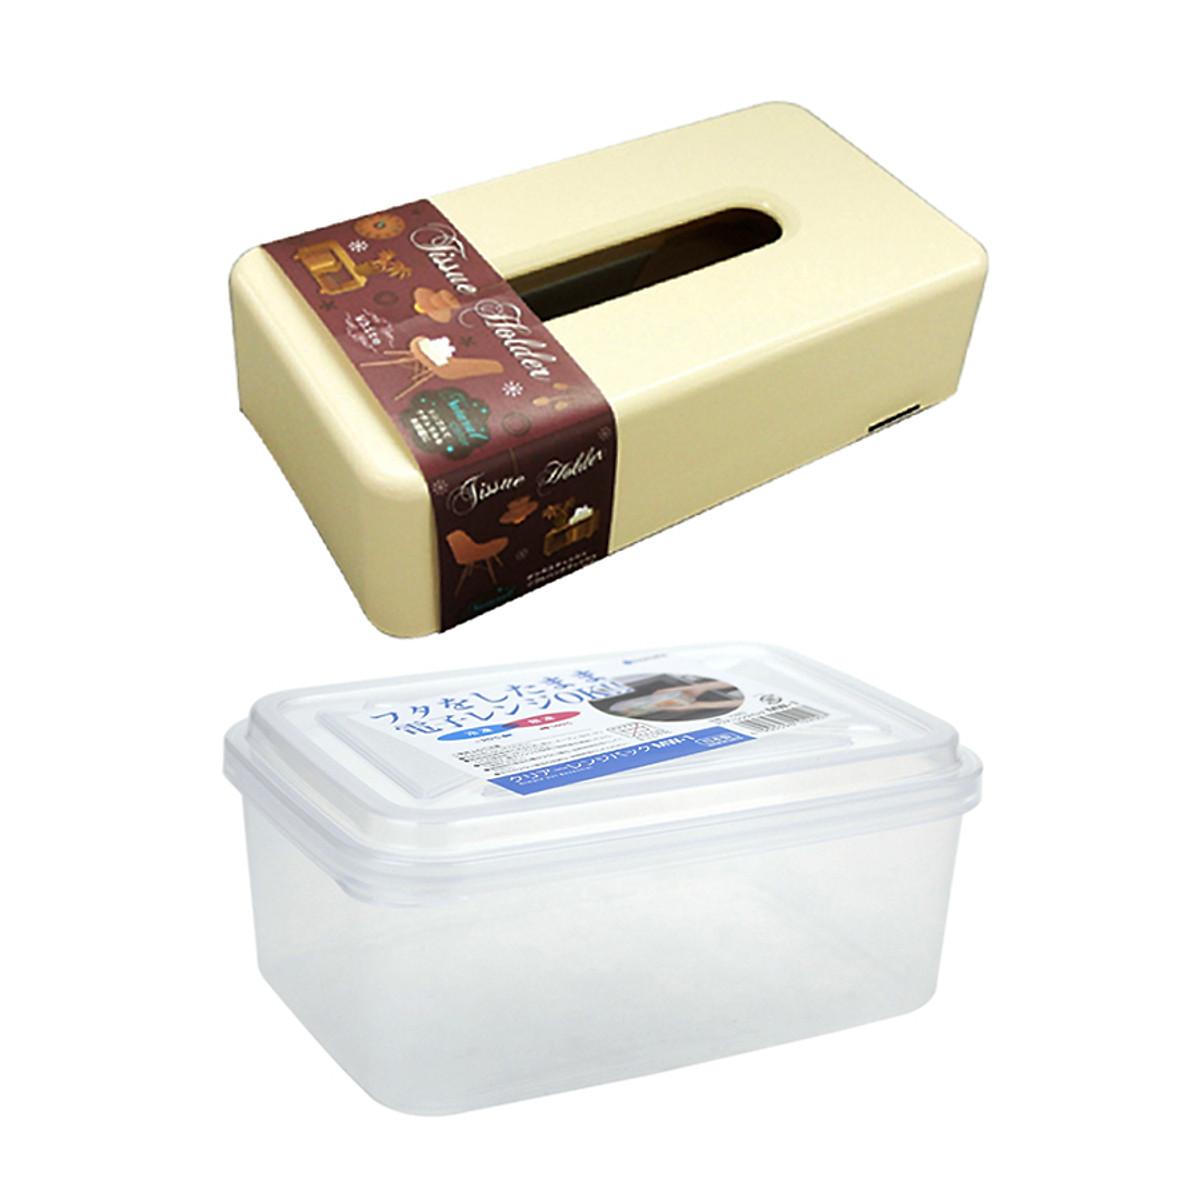 Hình đại diện sản phẩm Combo Hộp đựng thực phẩm cao cấp bỏ lò vi sóng + Hộp Chữ Nhật Đựng Giấy Ăn (Màu Be) - Nội Địa Nhật Bản